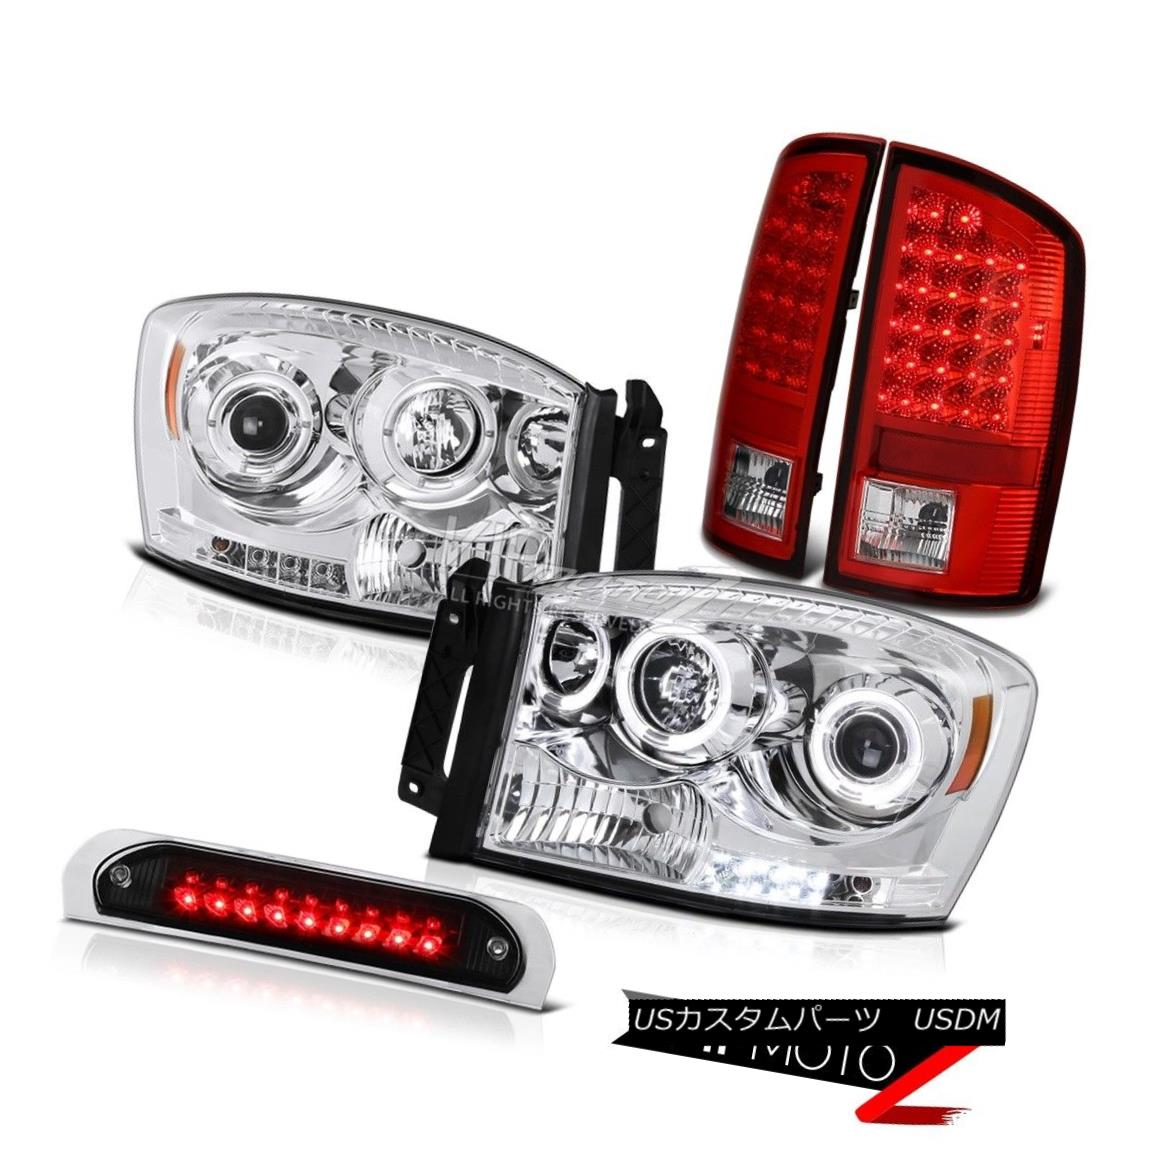 テールライト Halo LED Projector Headlights Signal Taillamps Cargo 3rd 07 08 Dodge Ram 3500 Halo LEDプロジェクターヘッドライト信号タイルランプ貨物3rd 07 08 Dodge Ram 3500